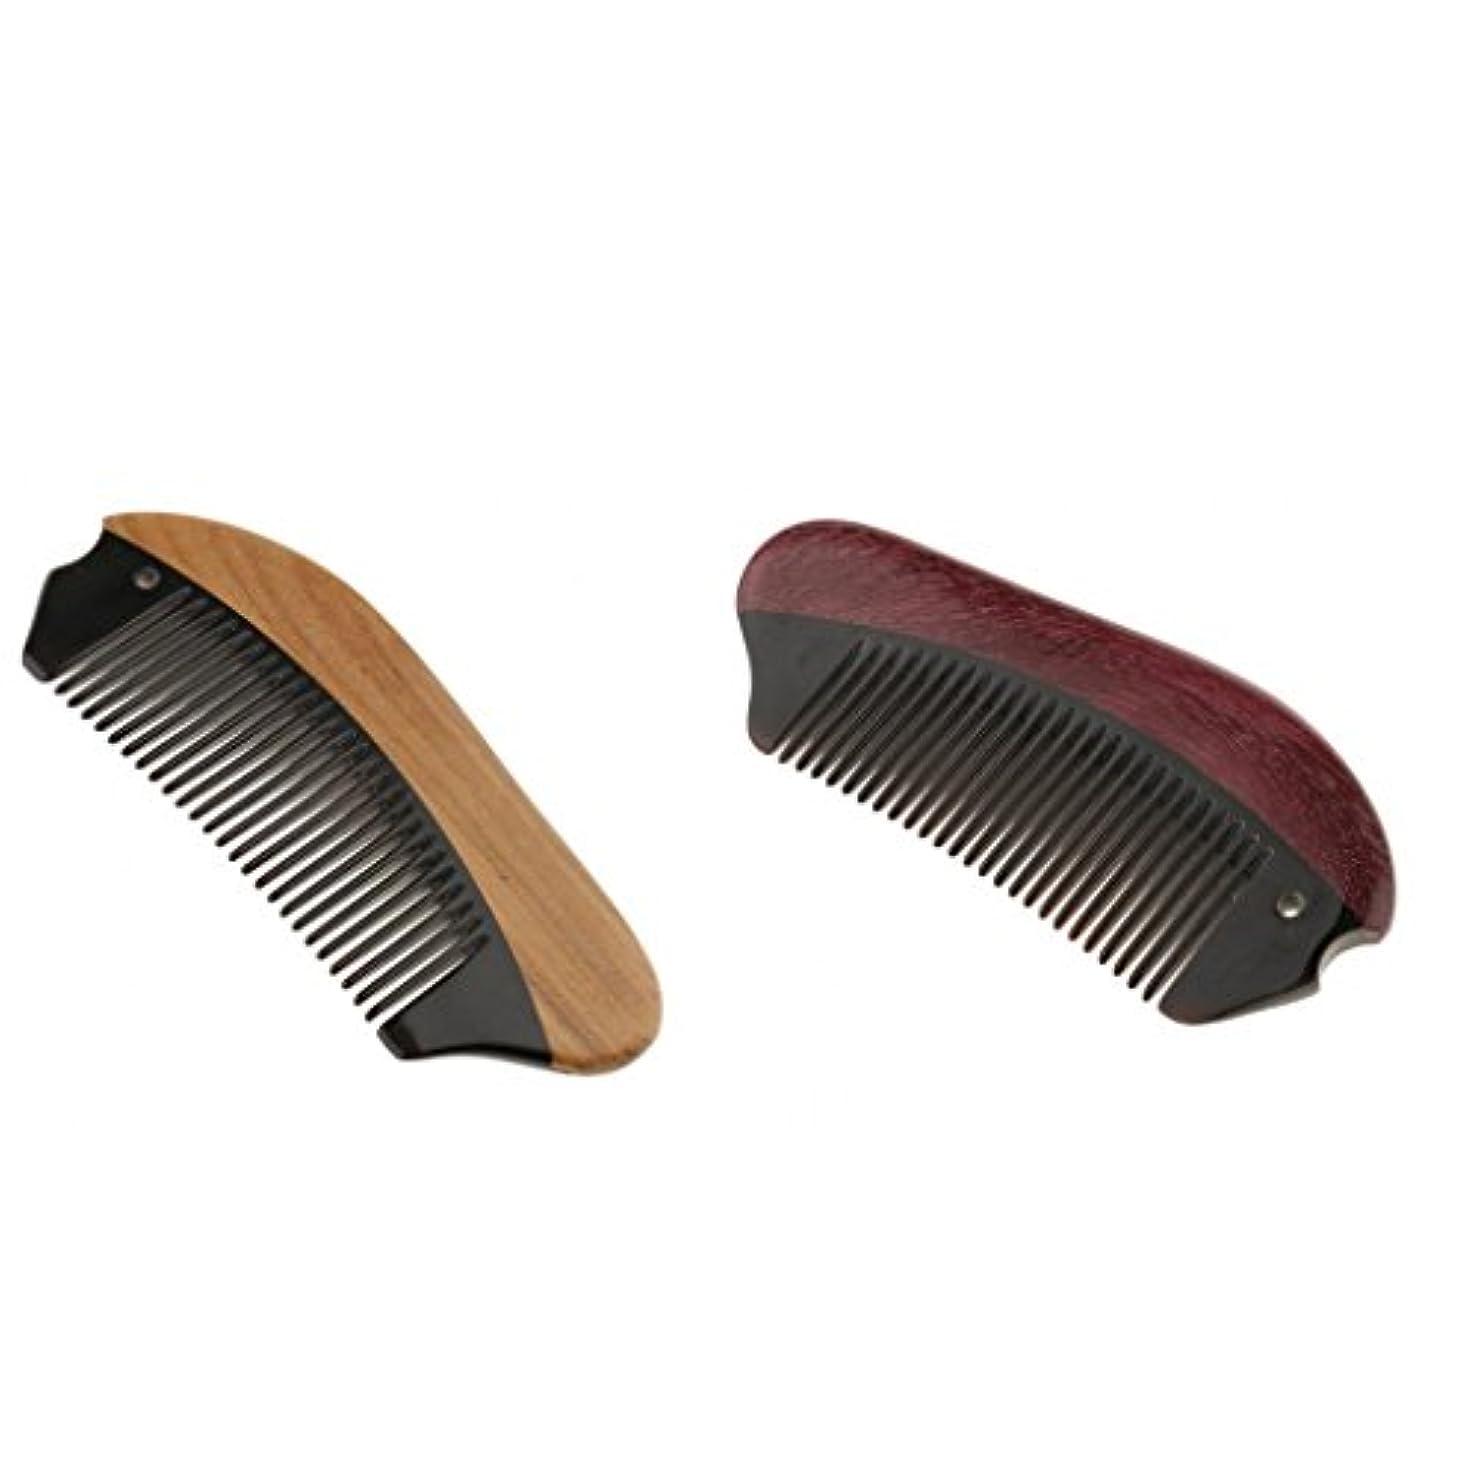 磁石反論ジャケットBaosity 2個 木製 櫛 コーム 静電気防止 マッサージ 高品質 プレゼント 贈り物